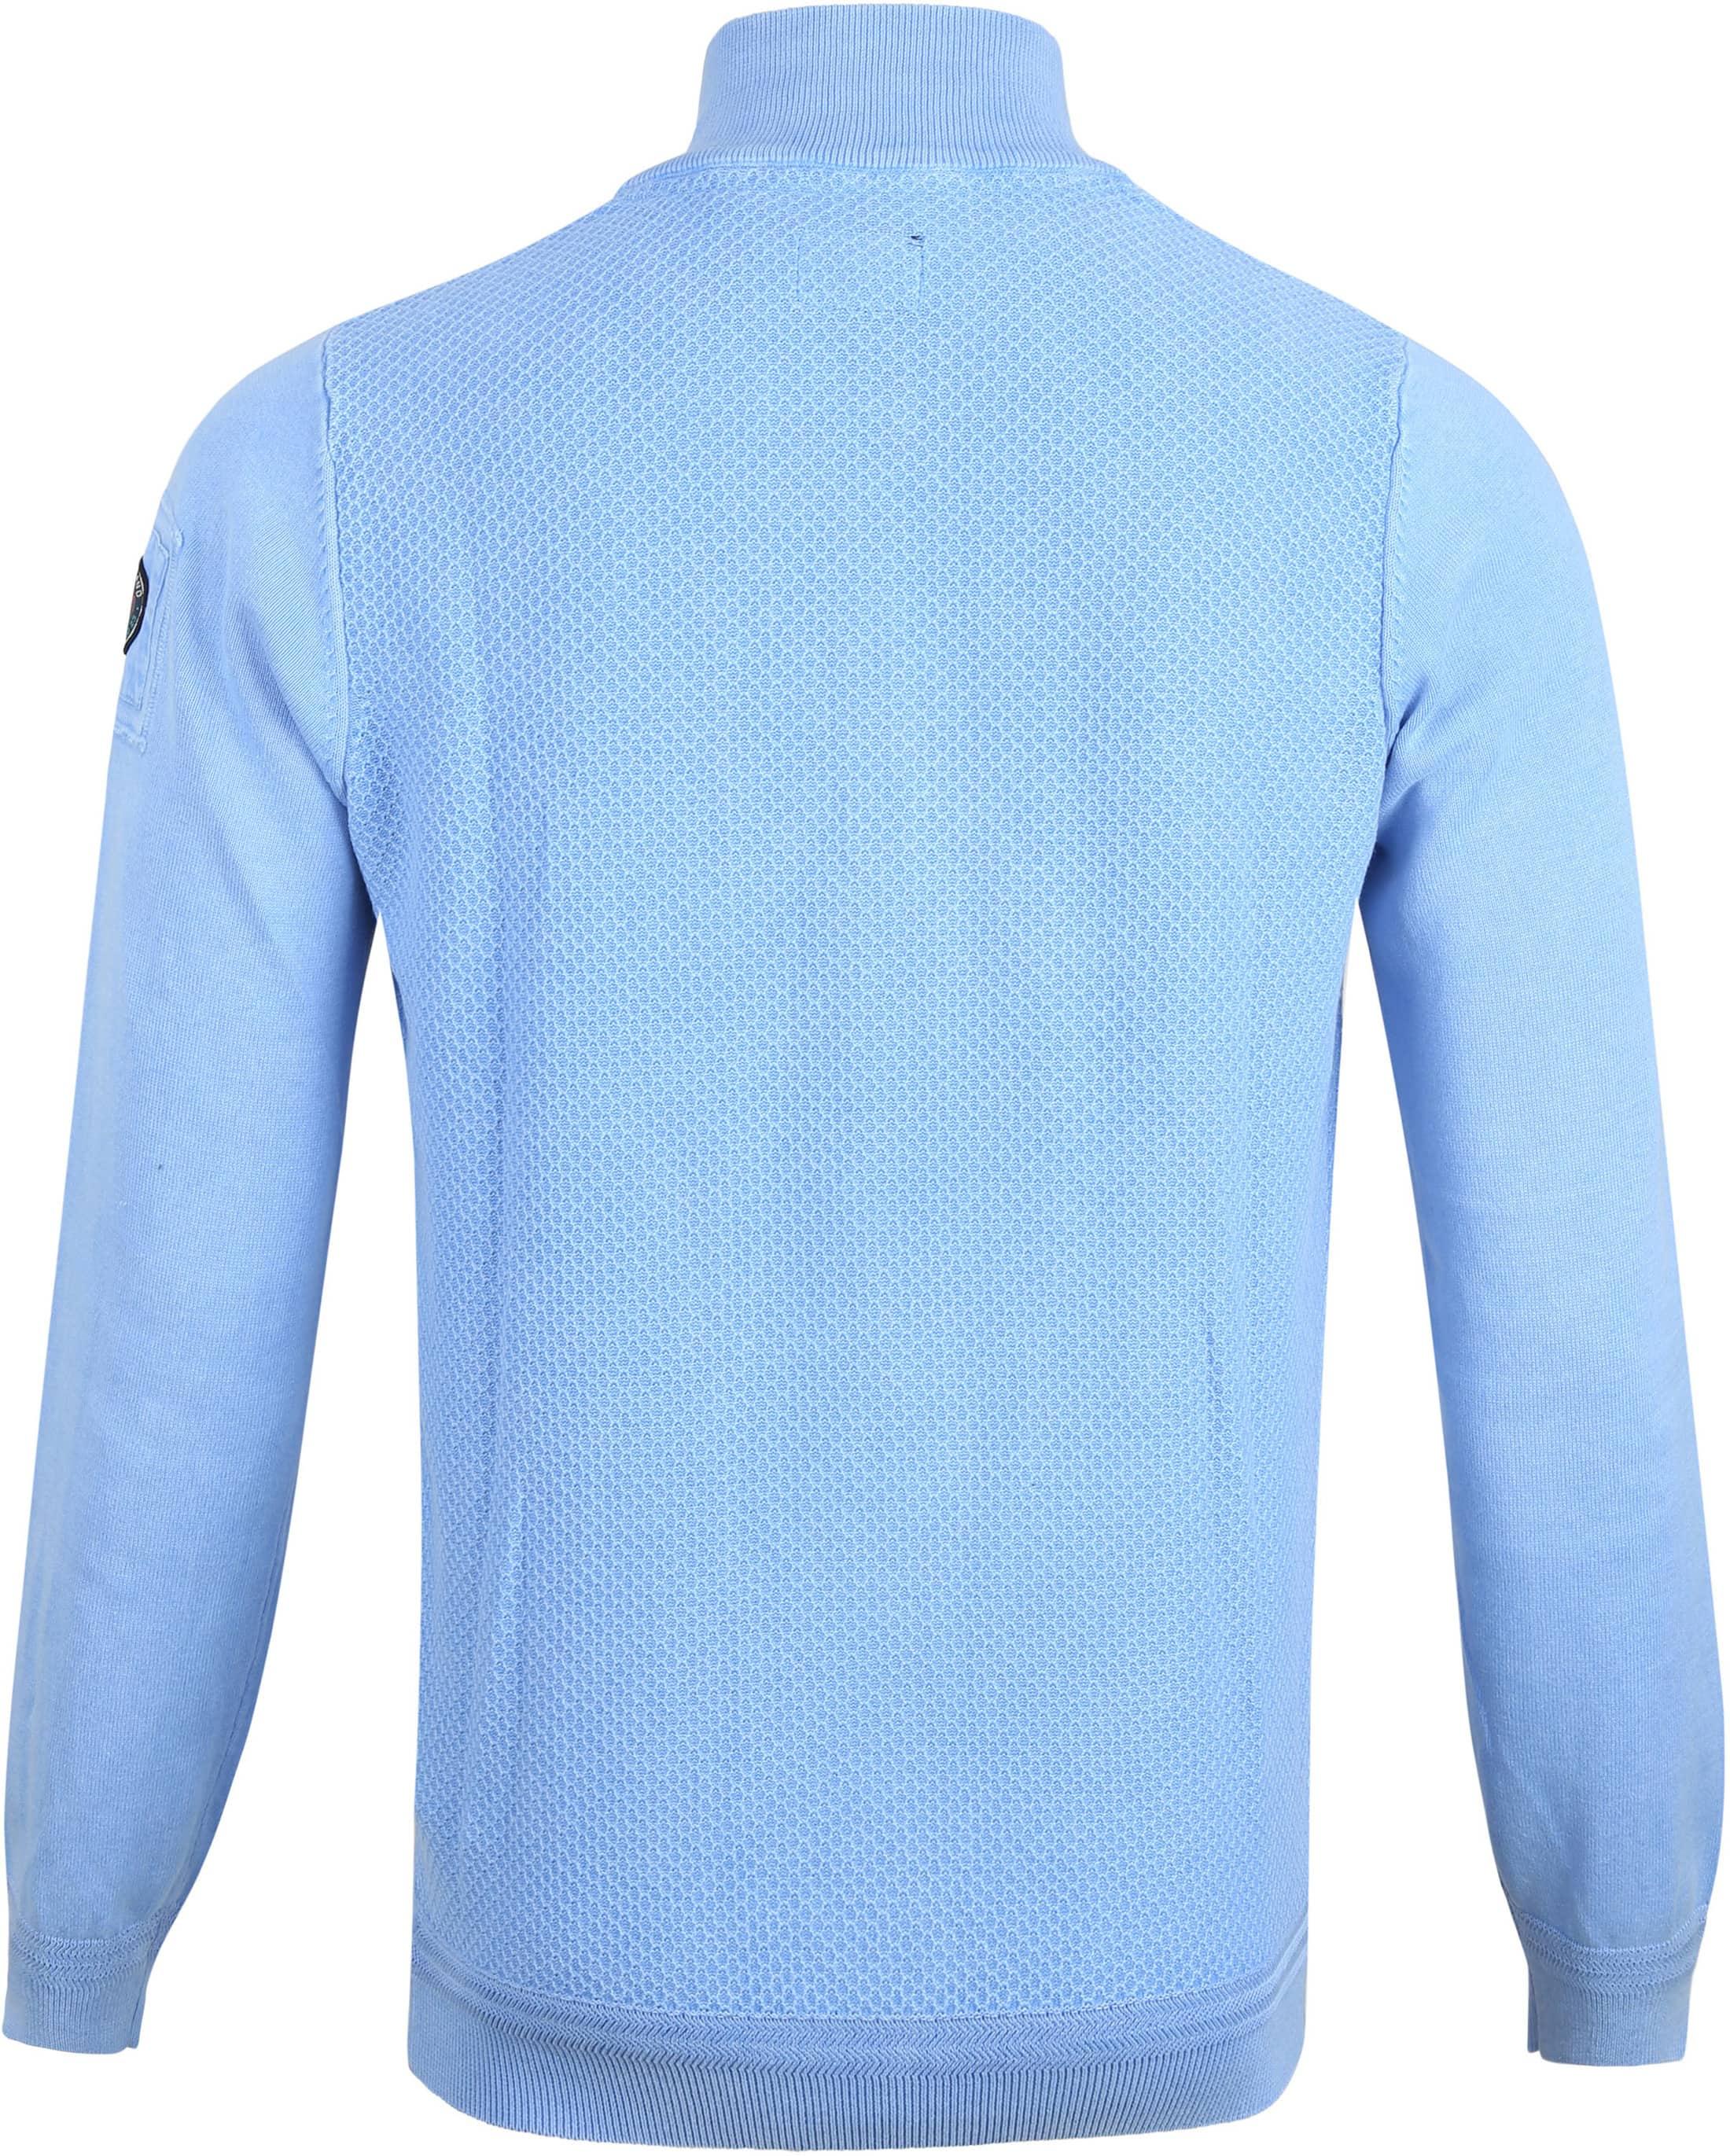 NZA Waihara Zipper Blue foto 4